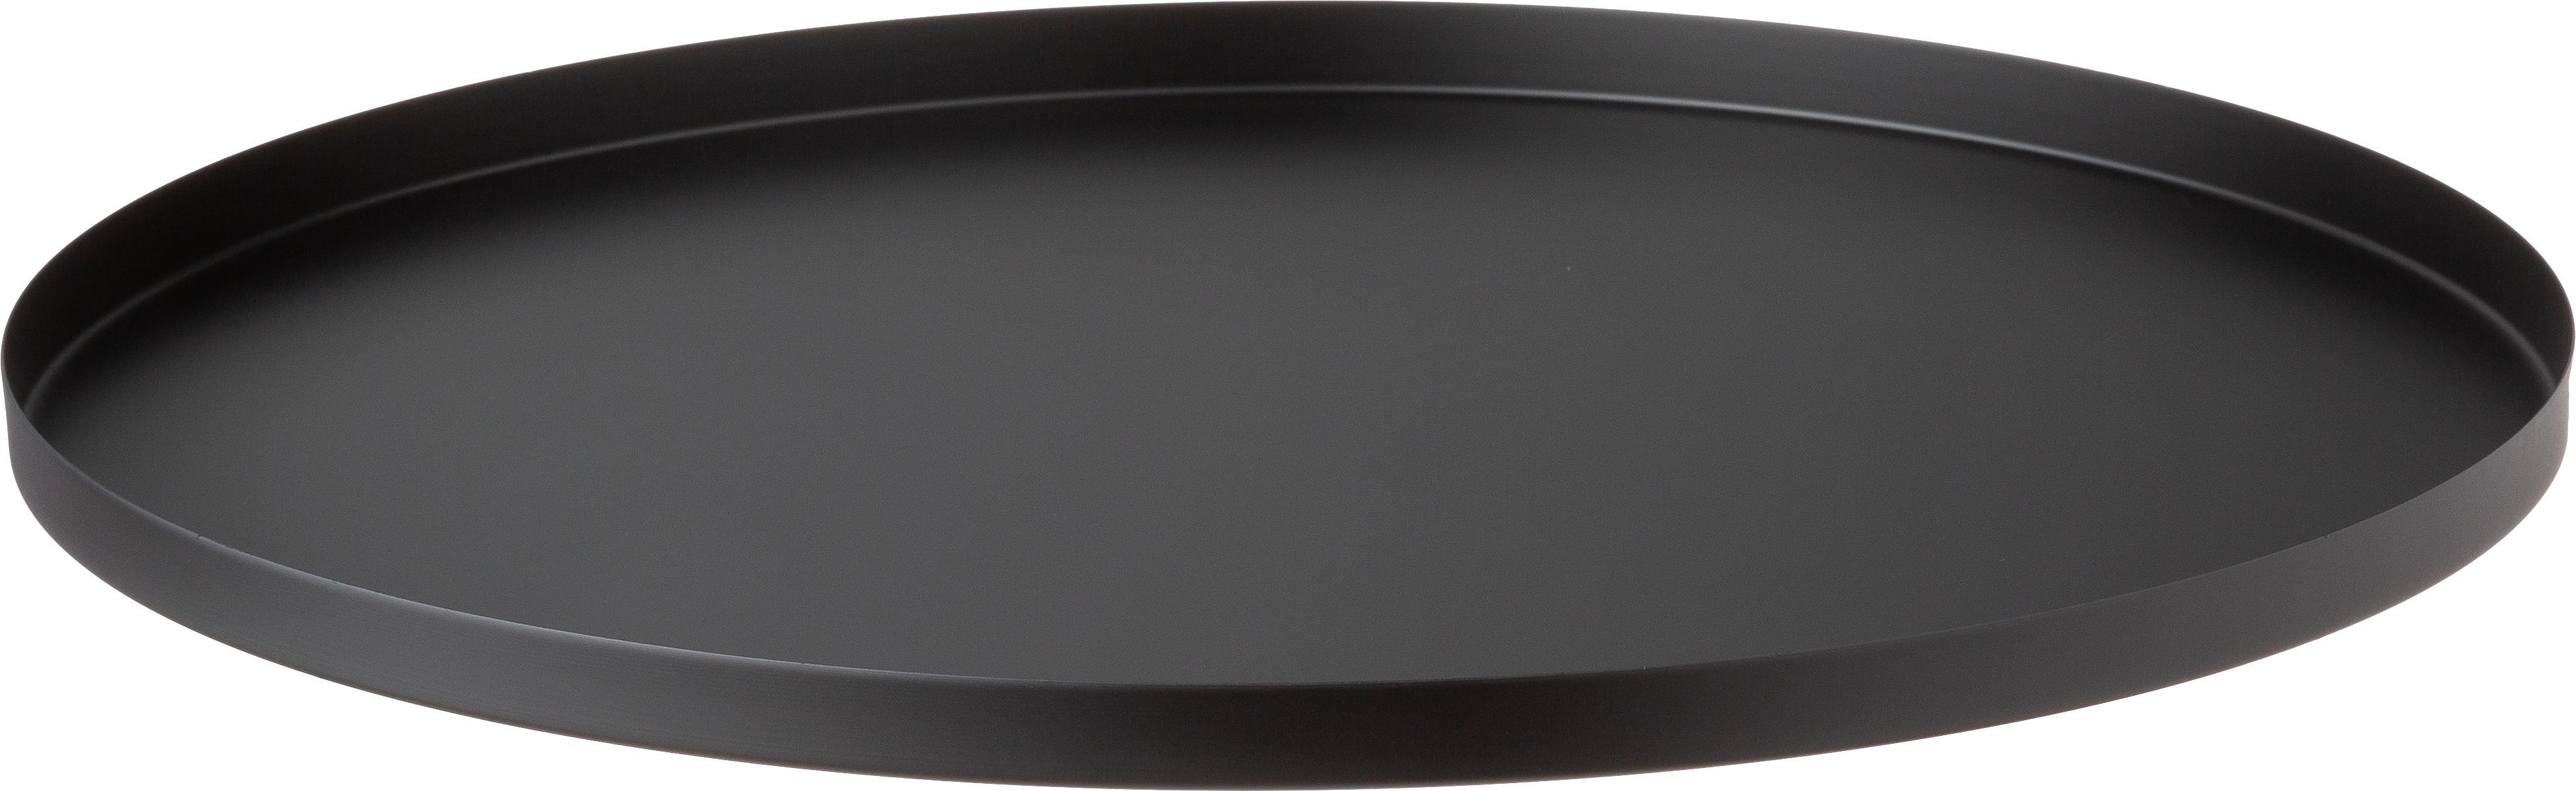 Vassoio decorativo rotondo Cerchio in nero, Acciaio inossidabile, verniciato a polvere, Nero opaco, Ø 40 x Alt. 2 cm